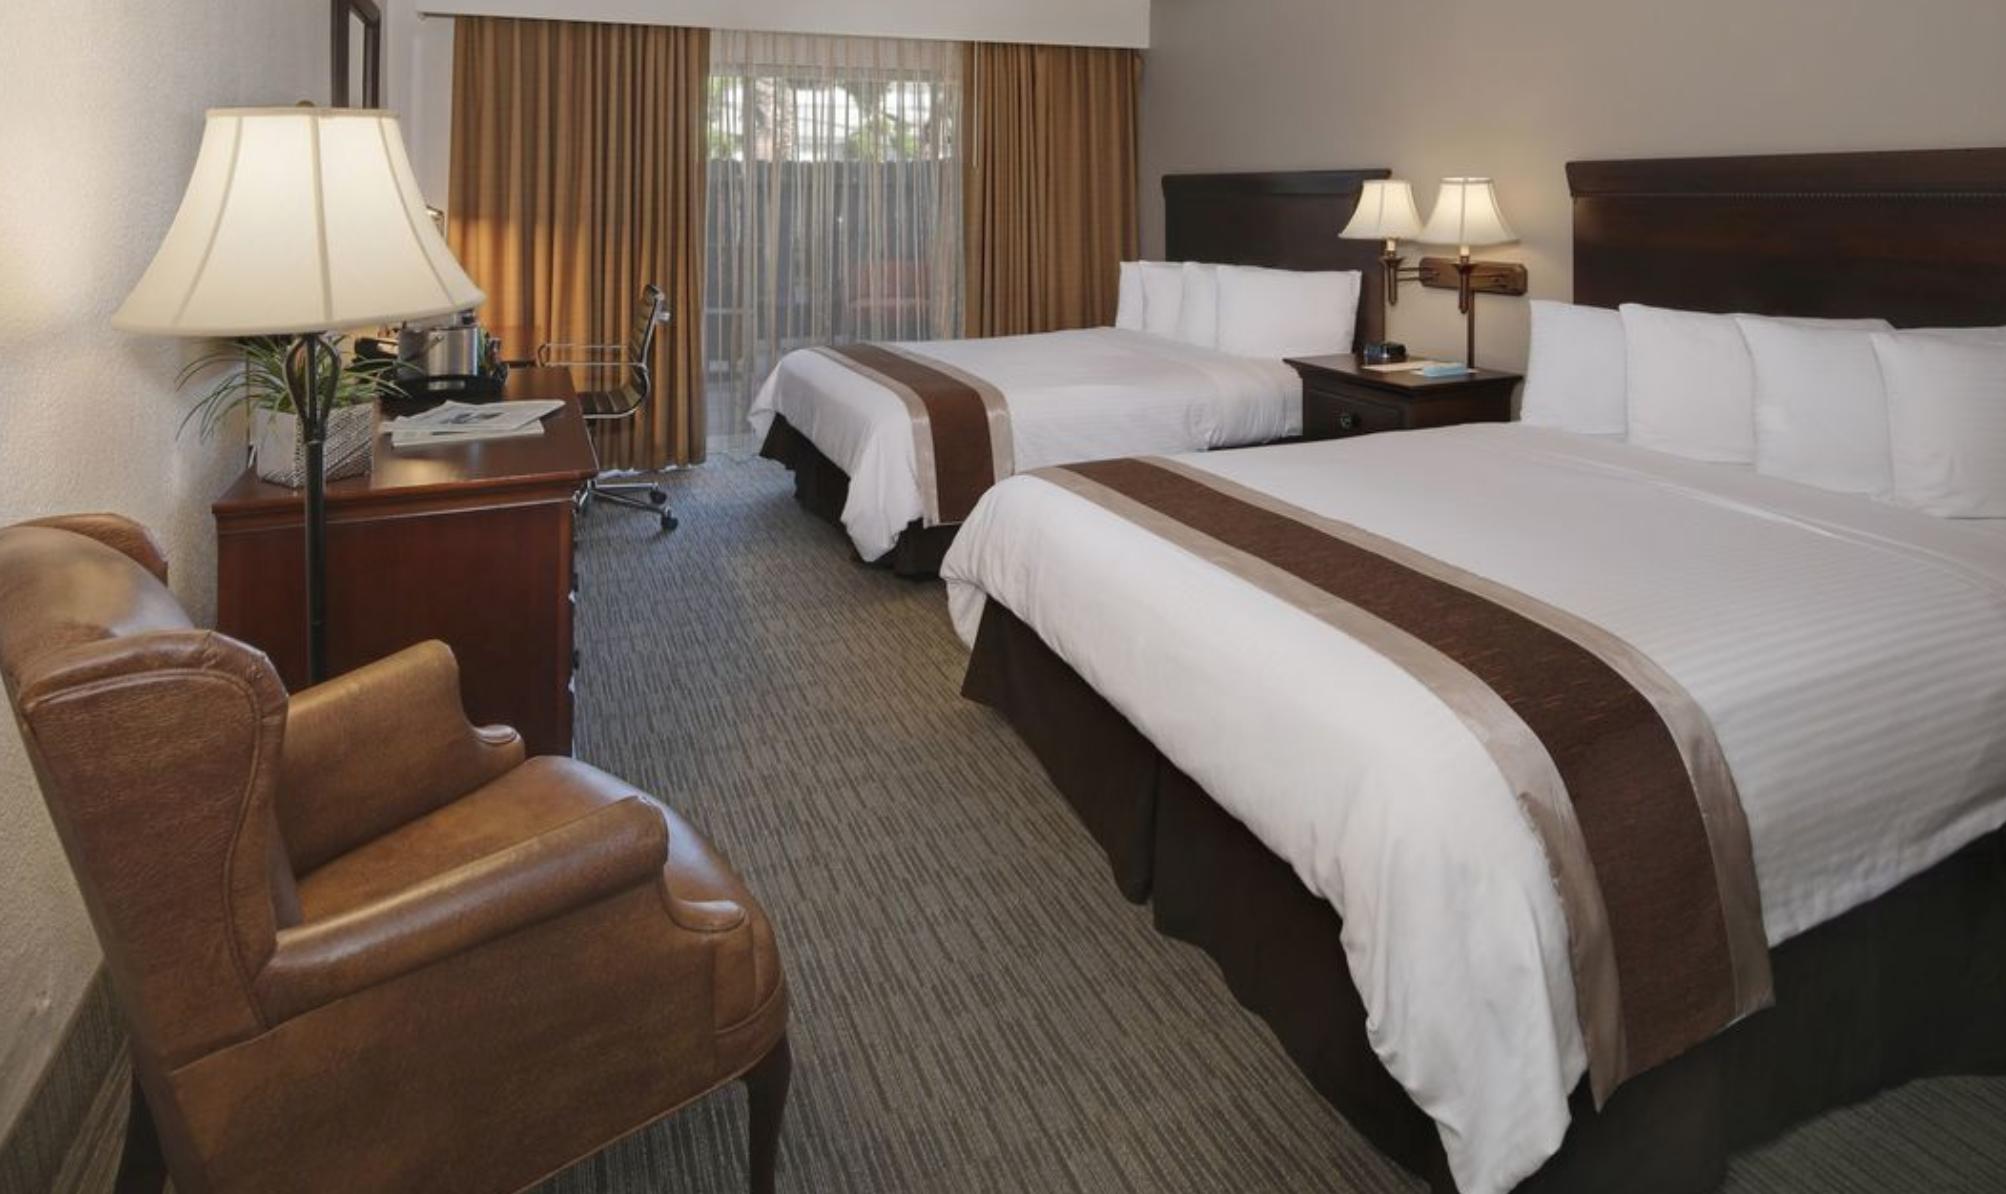 disneyland trip report june 2019 part 1 03 hotel.png